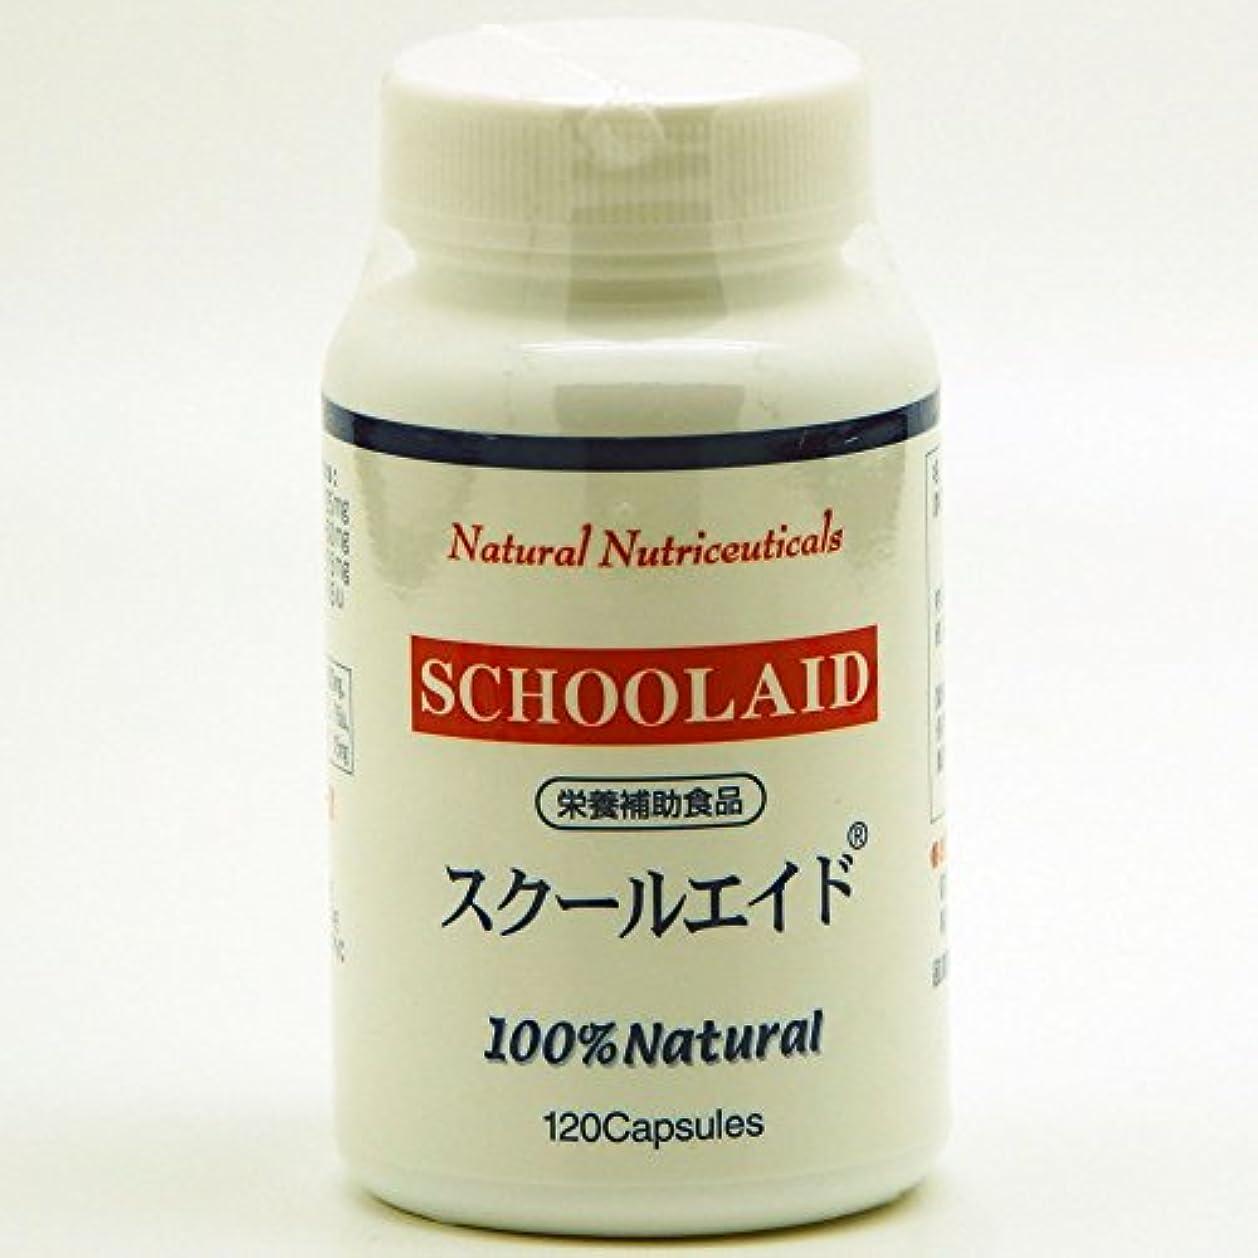 日本ファミリーケア スクールエイド 120カプセル